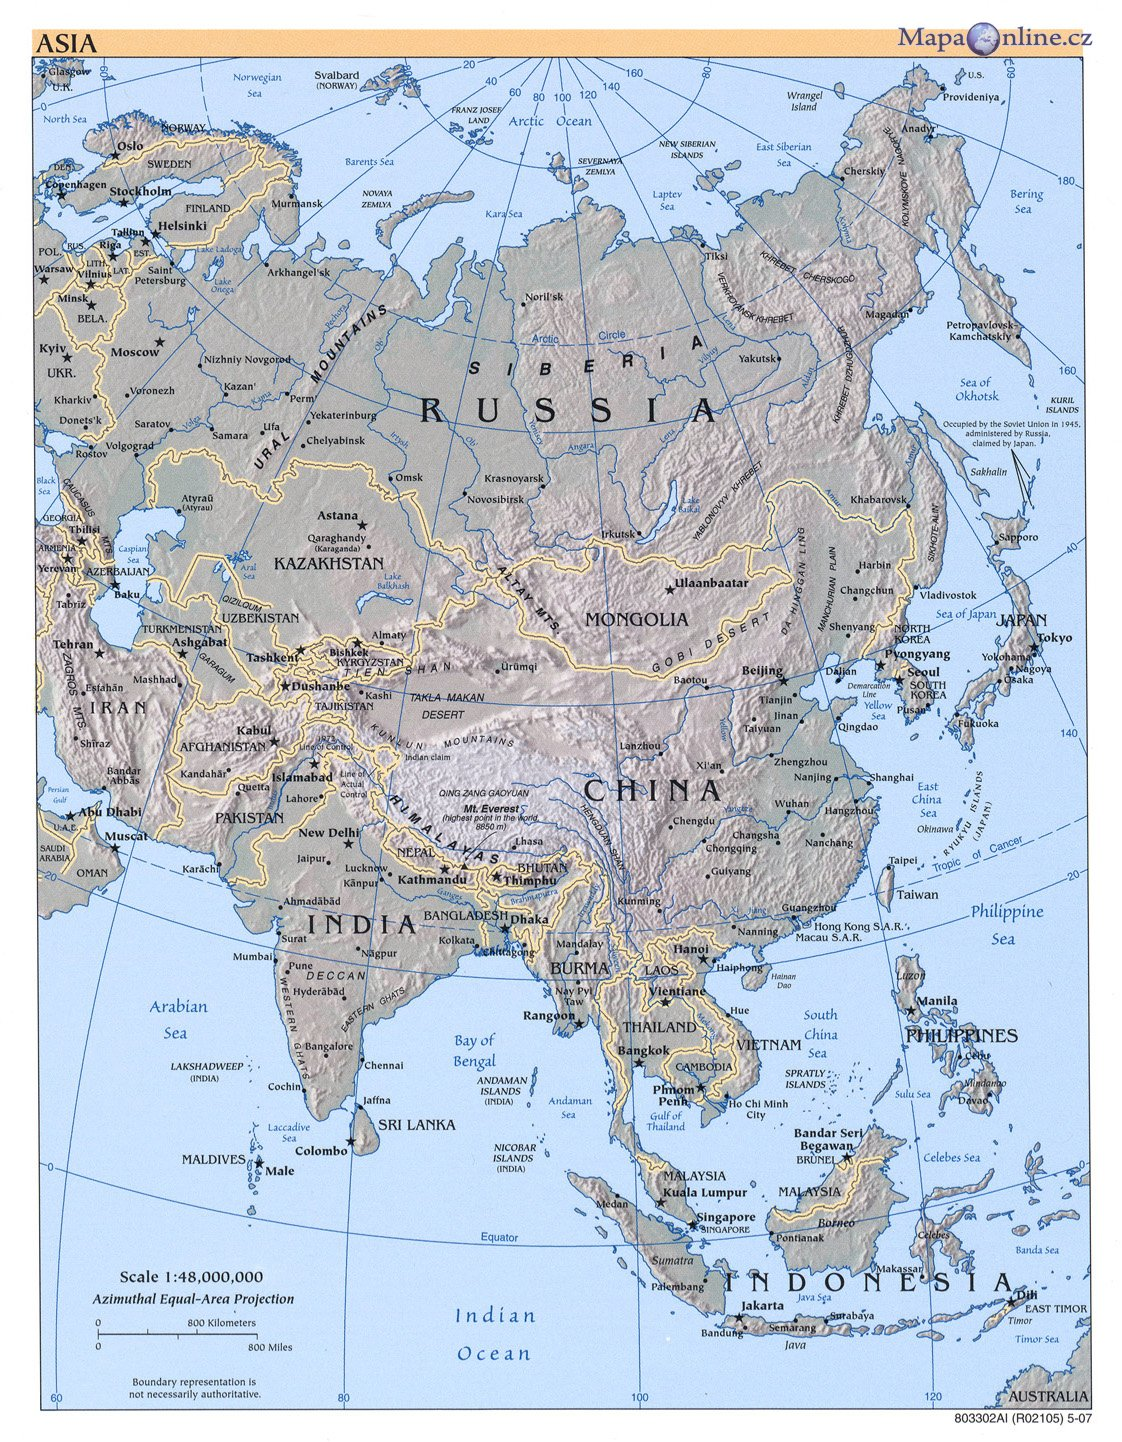 Mapa Asie Mapaonline Cz